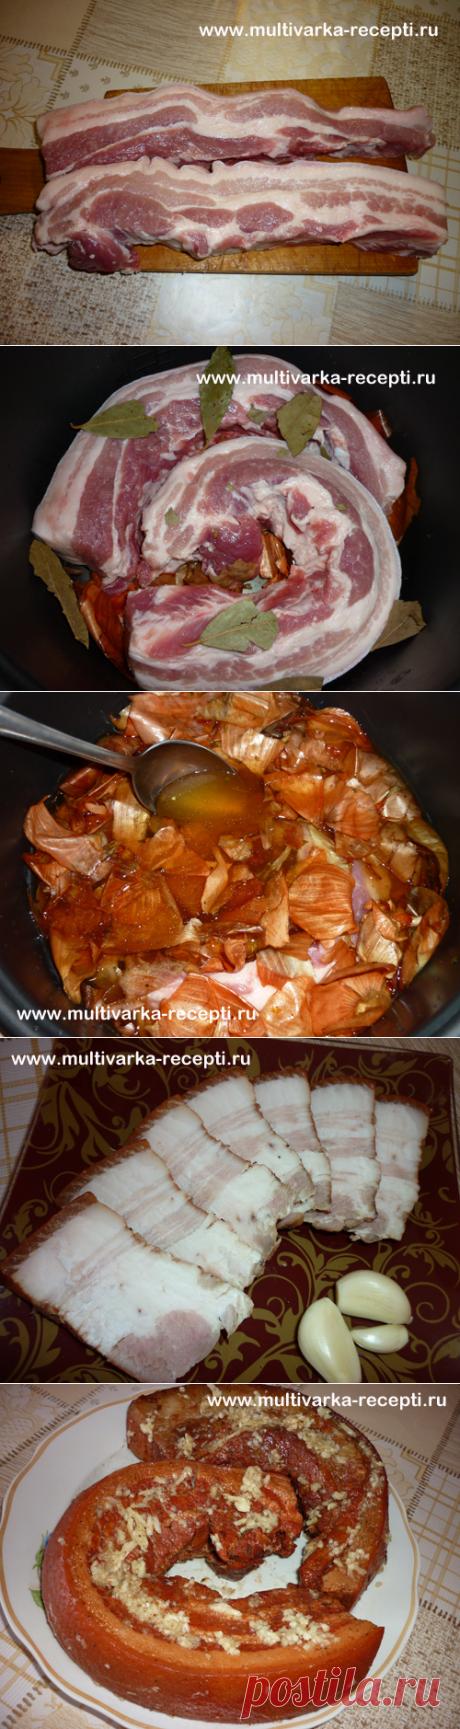 Как приготовить сало в луковой шелухе. Очень вкусное сало в мультиварке